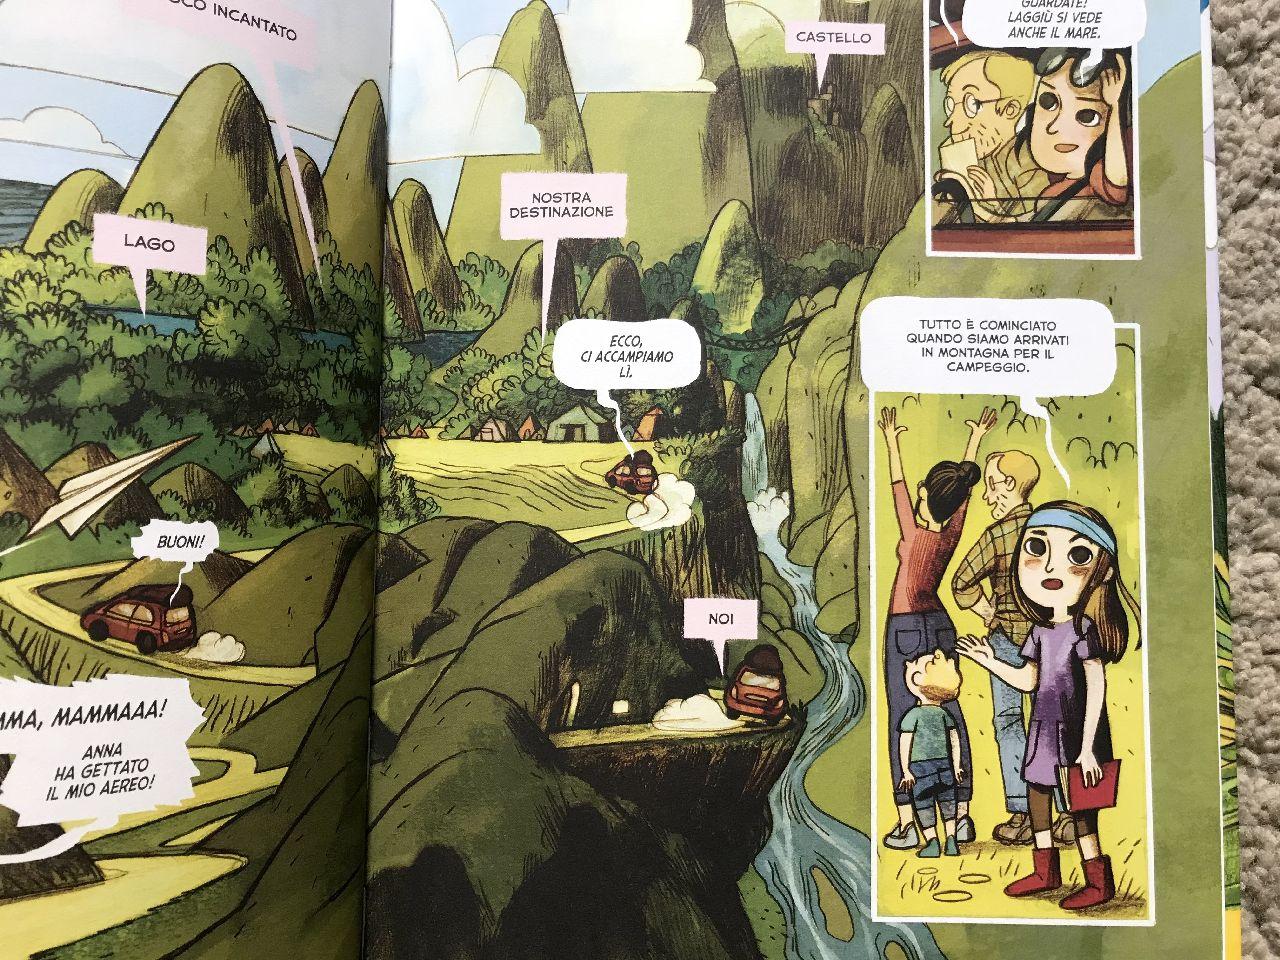 Tortolini - Colaone, Anna e la famosa avventura nel bosco fatato, Bao